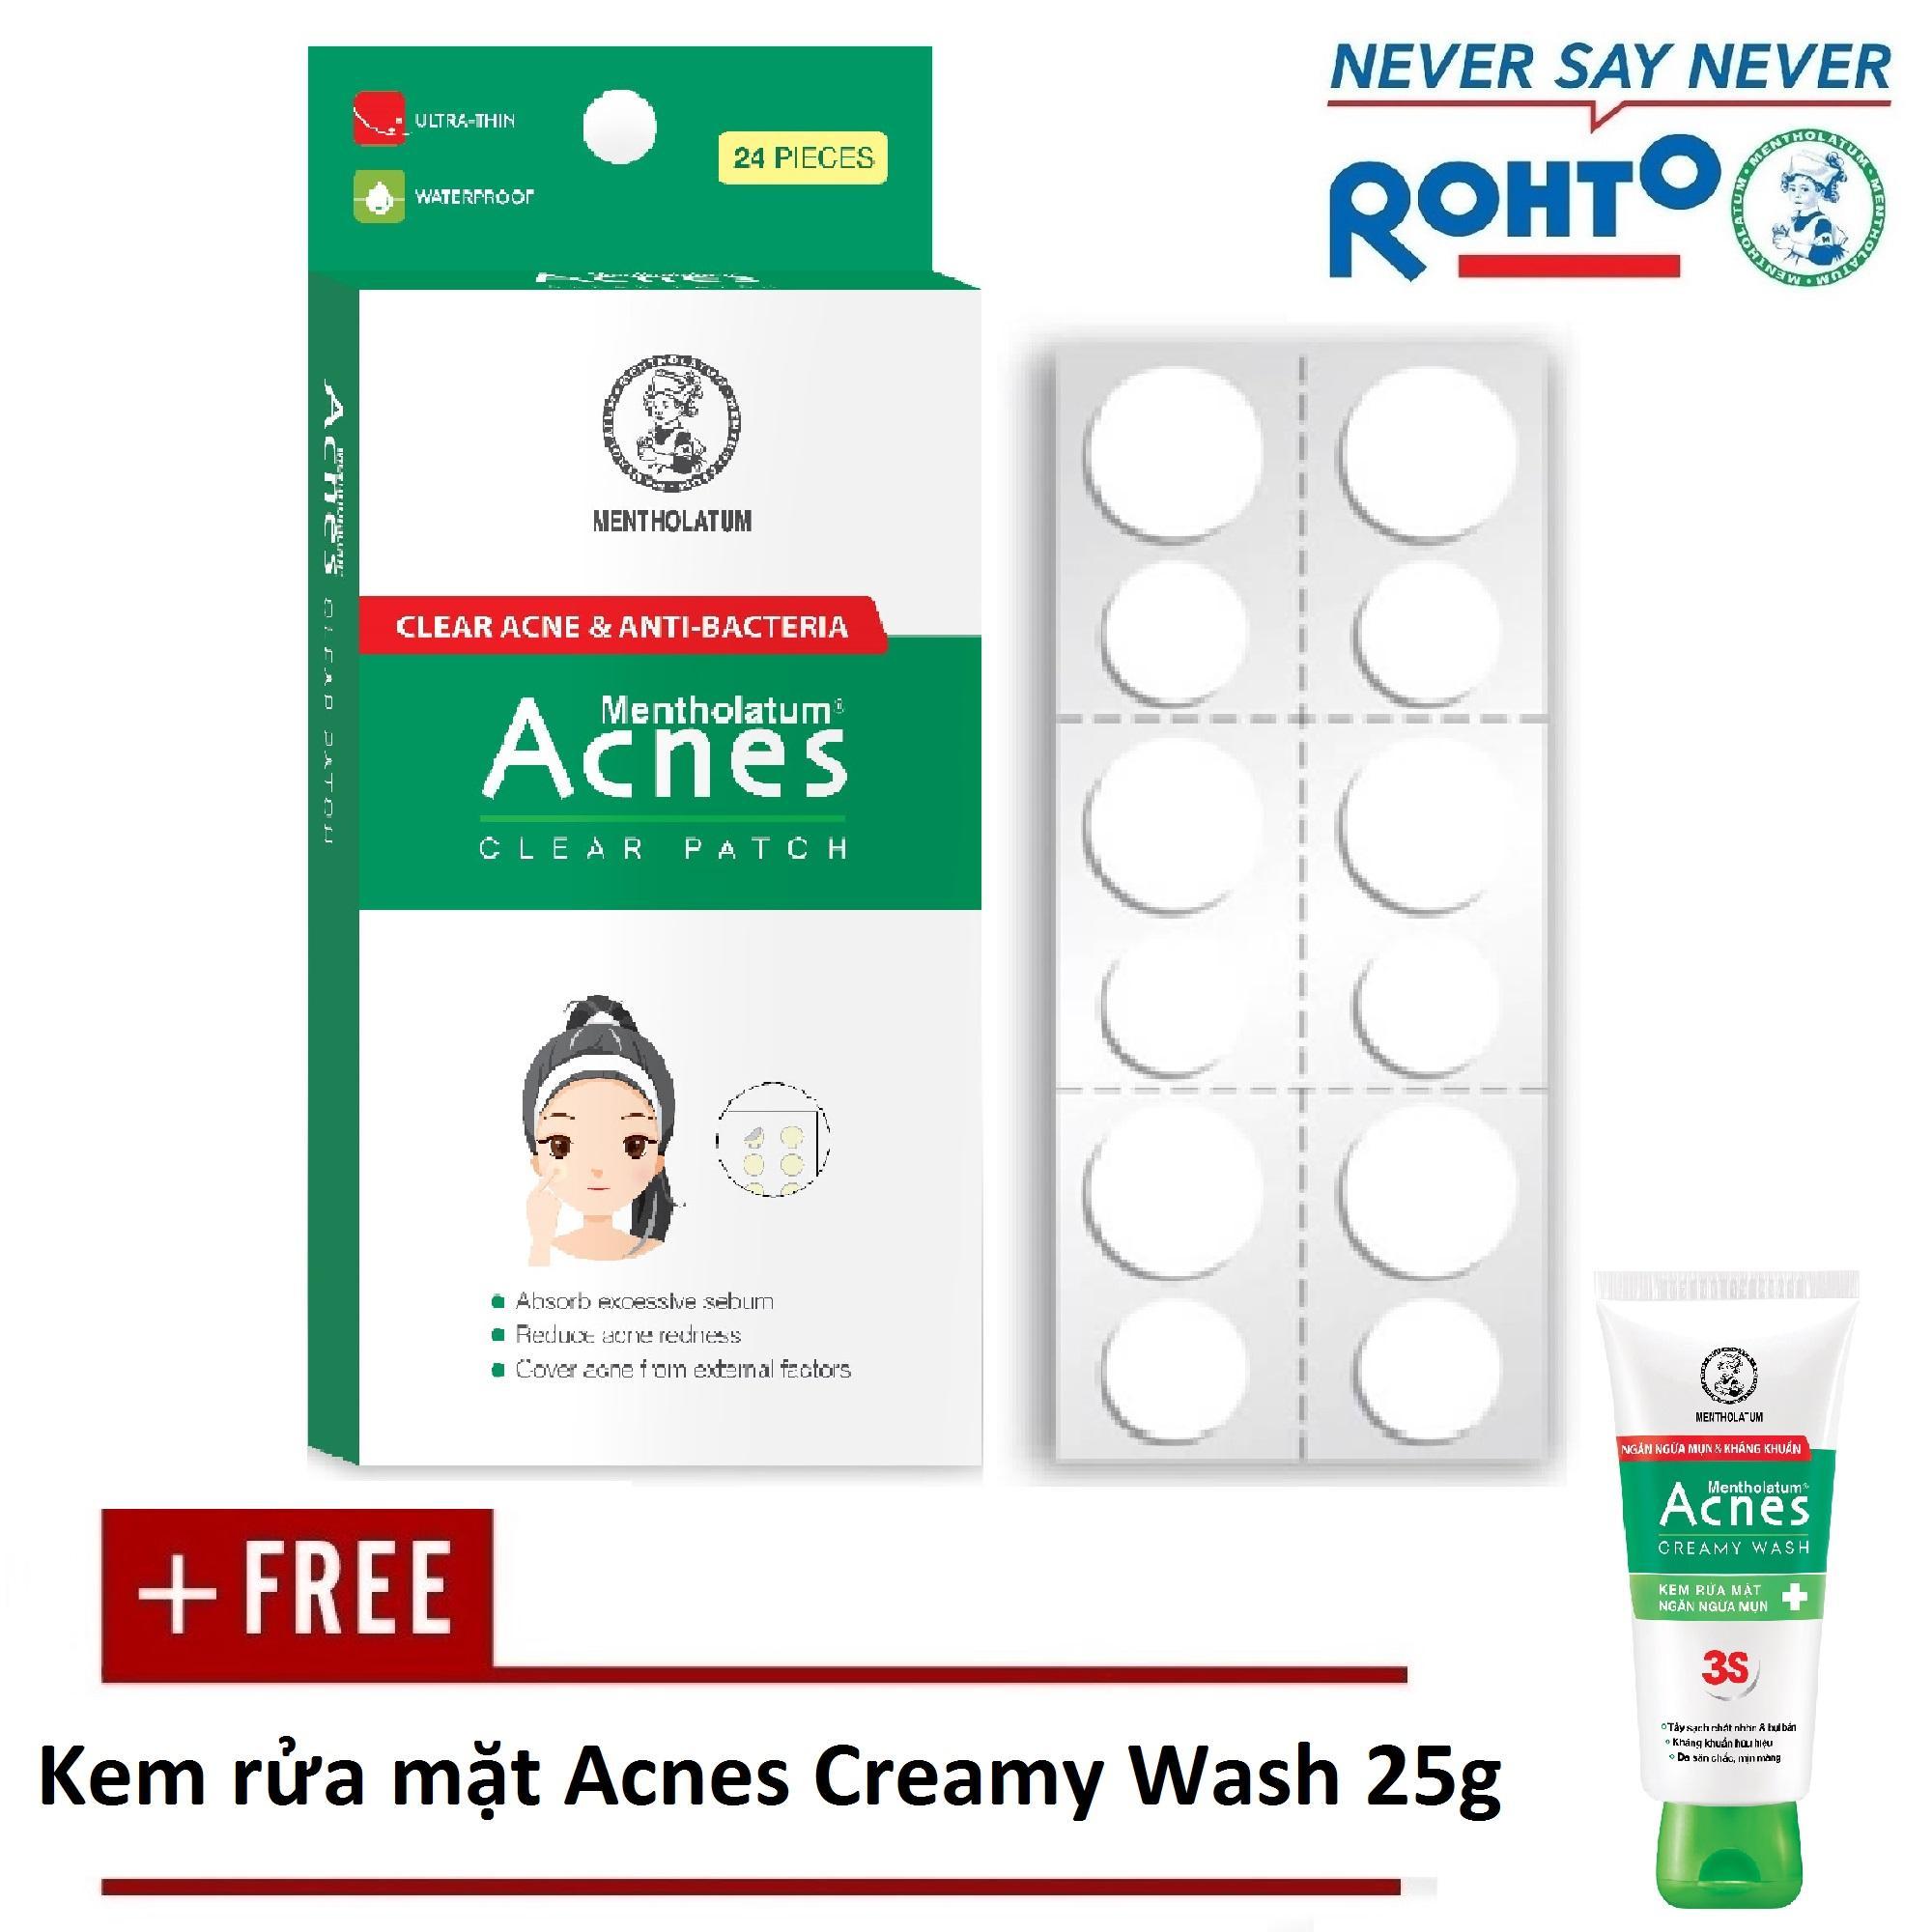 Hình ảnh Miếng dán mụn Acnes Clear Patch (24 miếng) + Tặng Kem rửa mặt Acnes Creamy Wash 25g